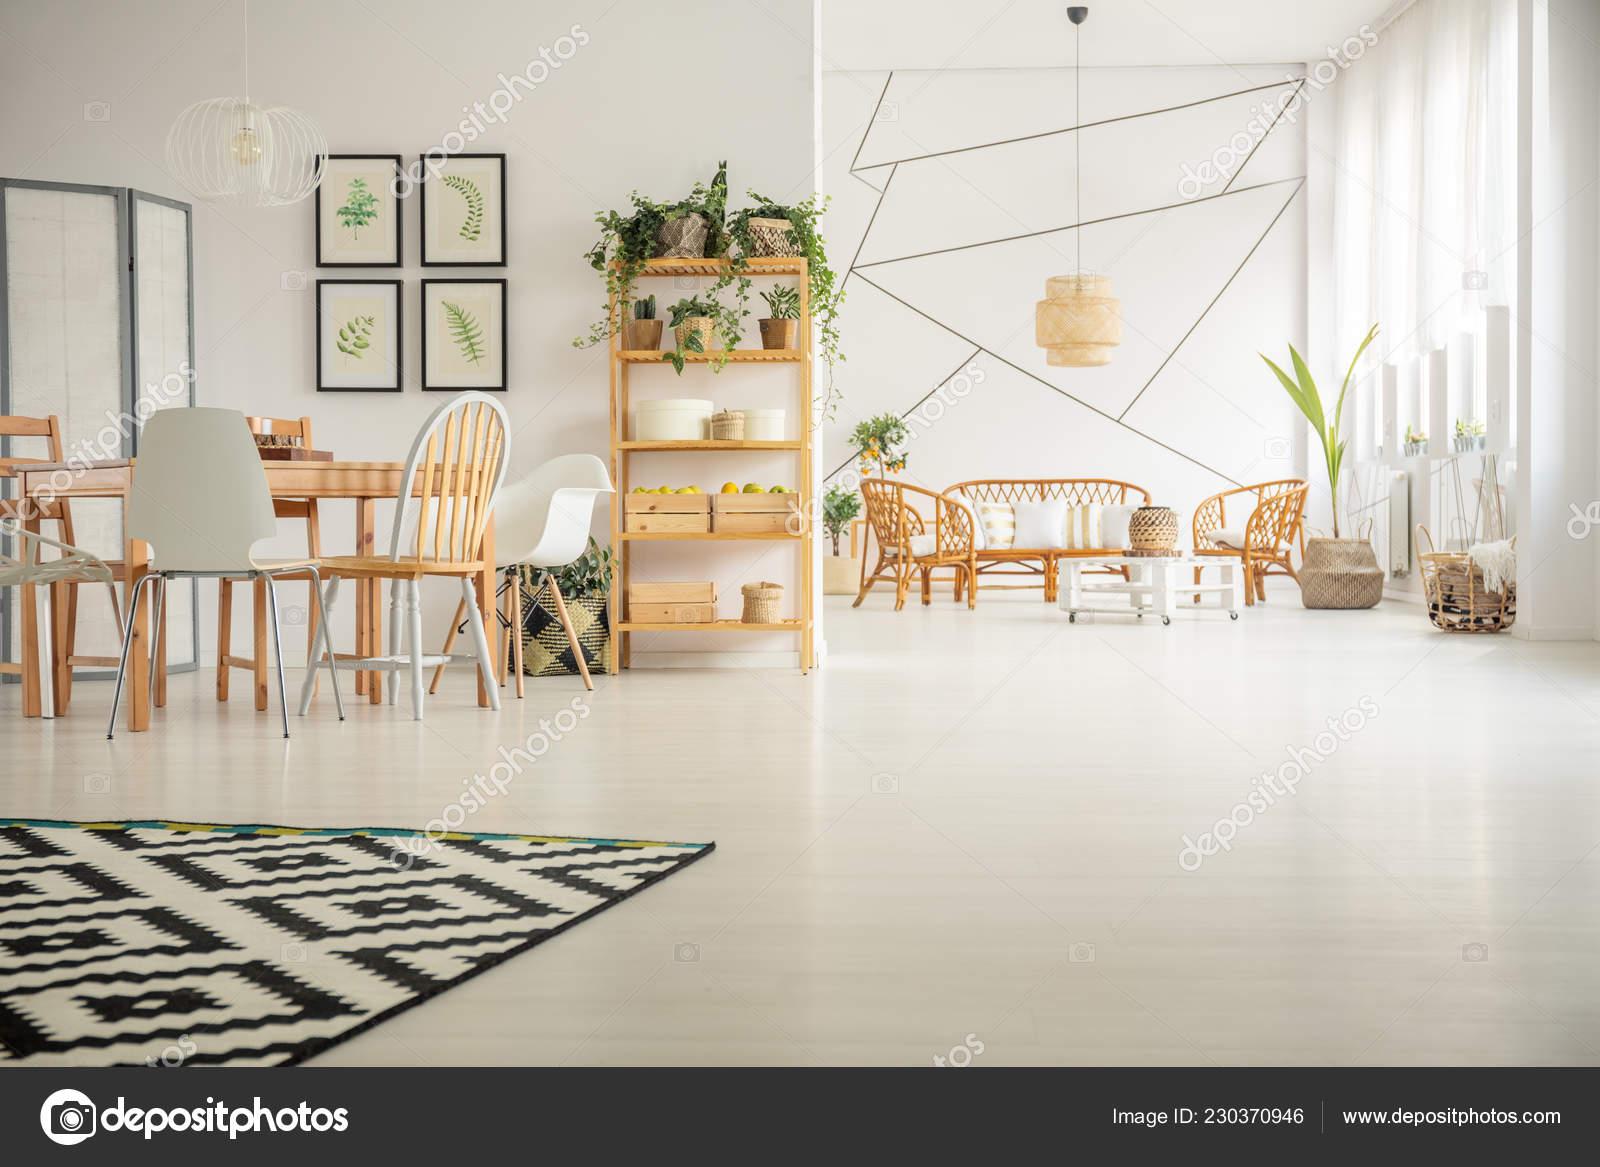 Geometrische Muster Auf Weißen Wand In Helle Offen Gestaltete Interieur Mit  Holztisch Mit Stühlen Und Rattan Möbel Im Wohnzimmer U2014 Foto Von ...